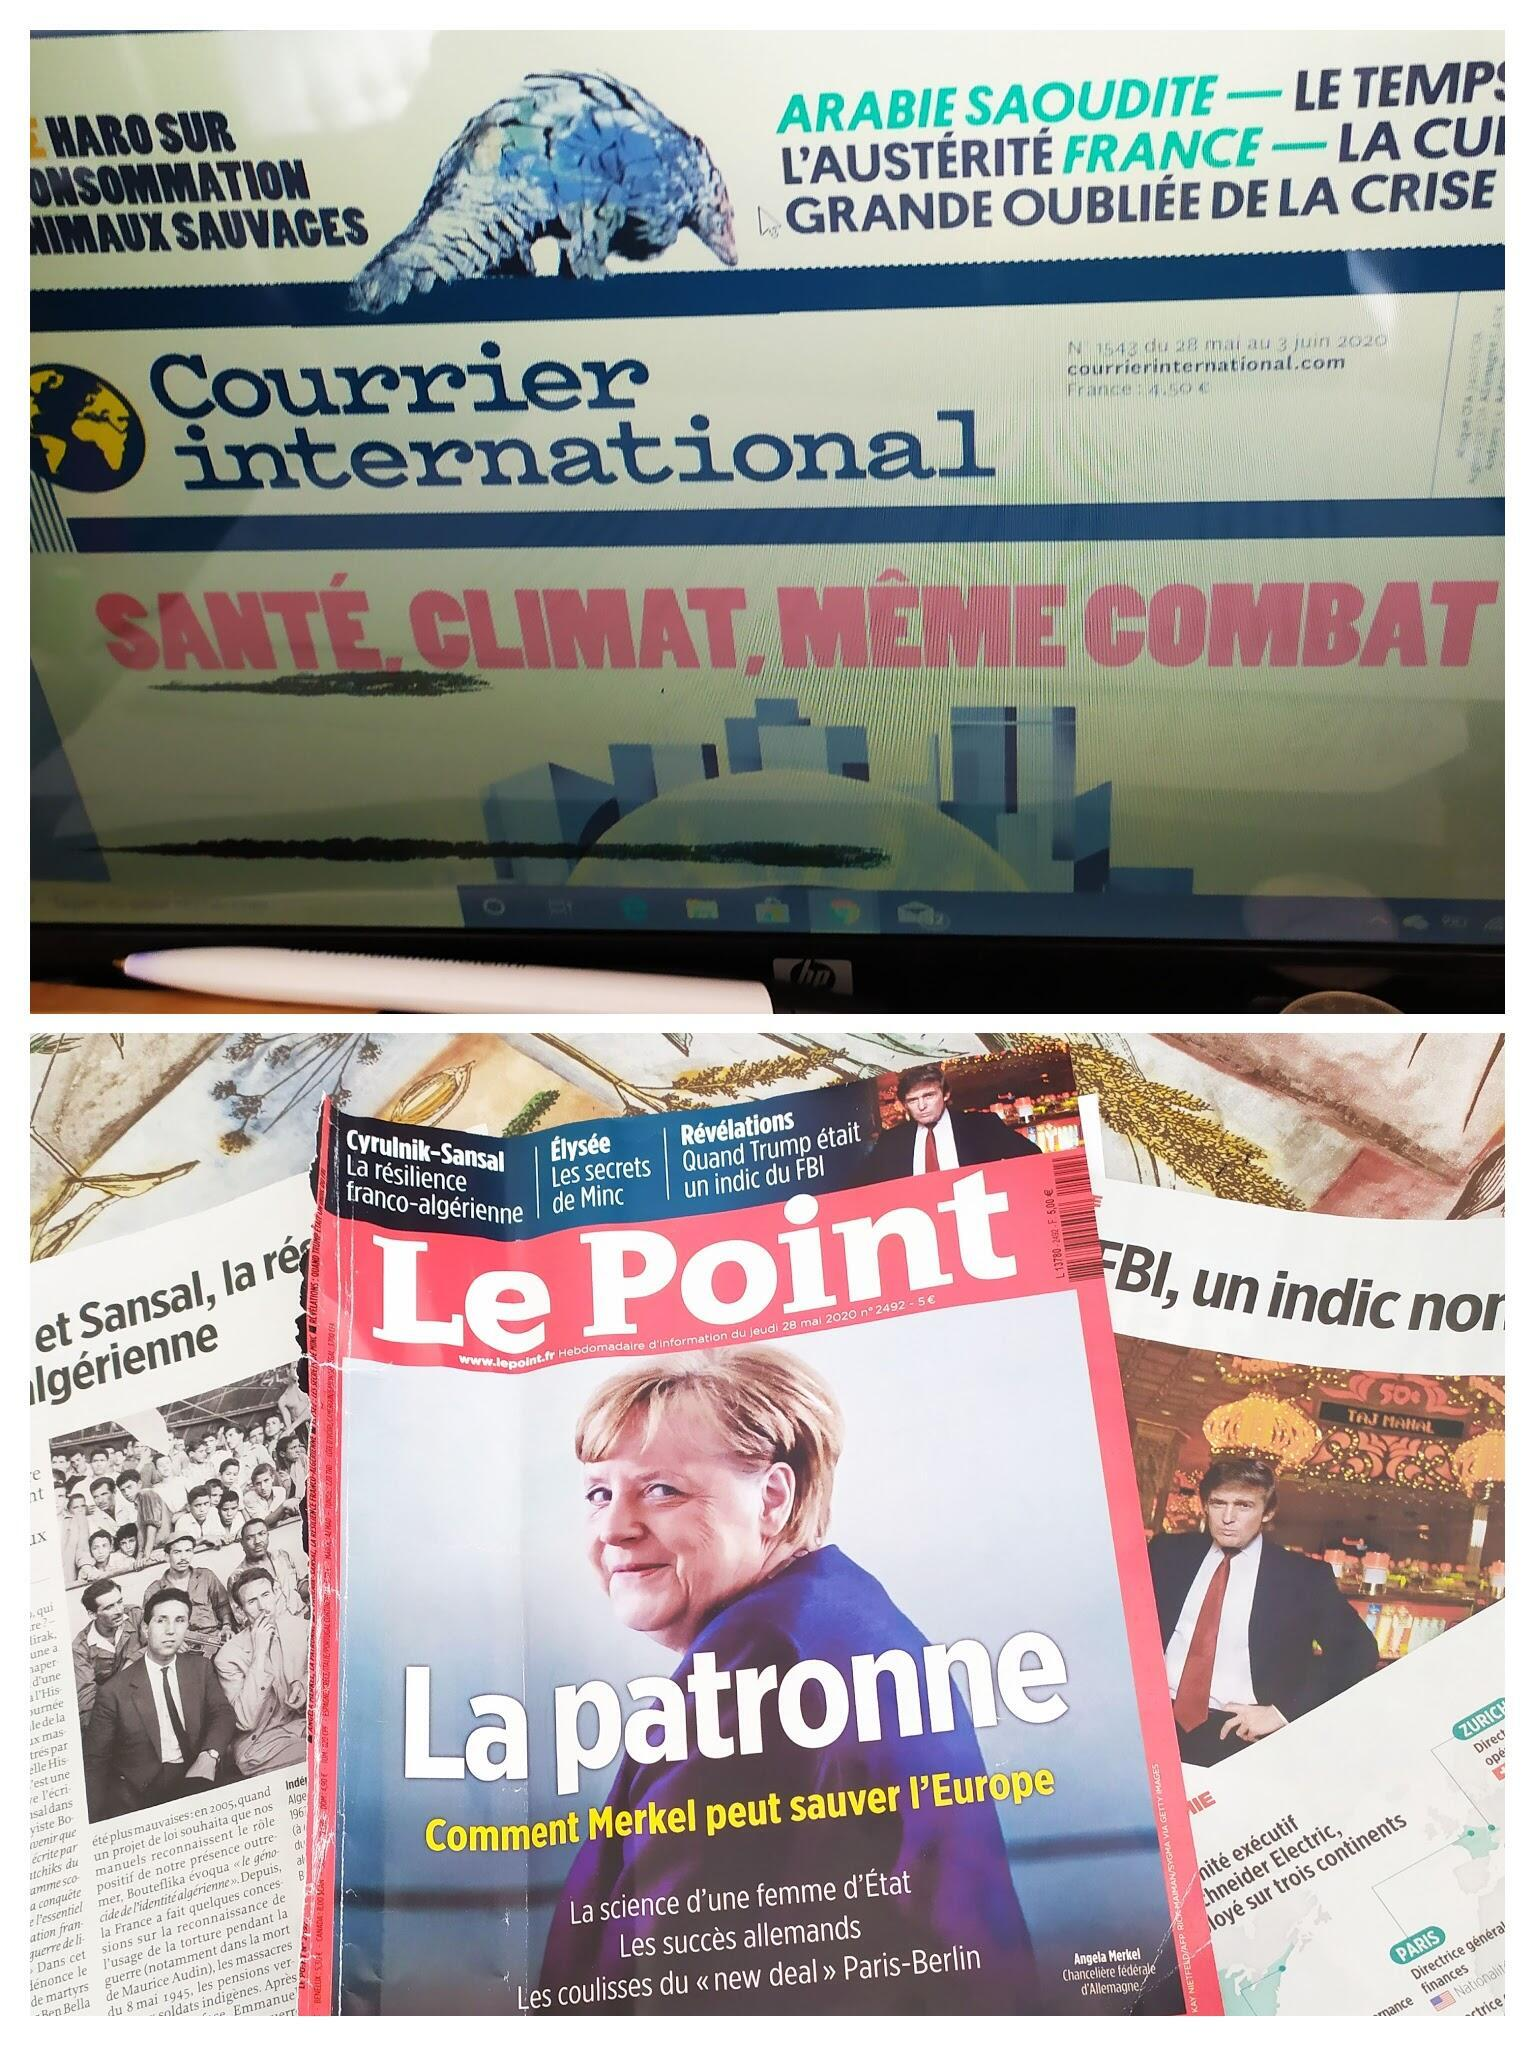 Relações tensas entre Paris e Argel ou Merkel, Patroa da Europa, Trump, máfia e as presidenciais